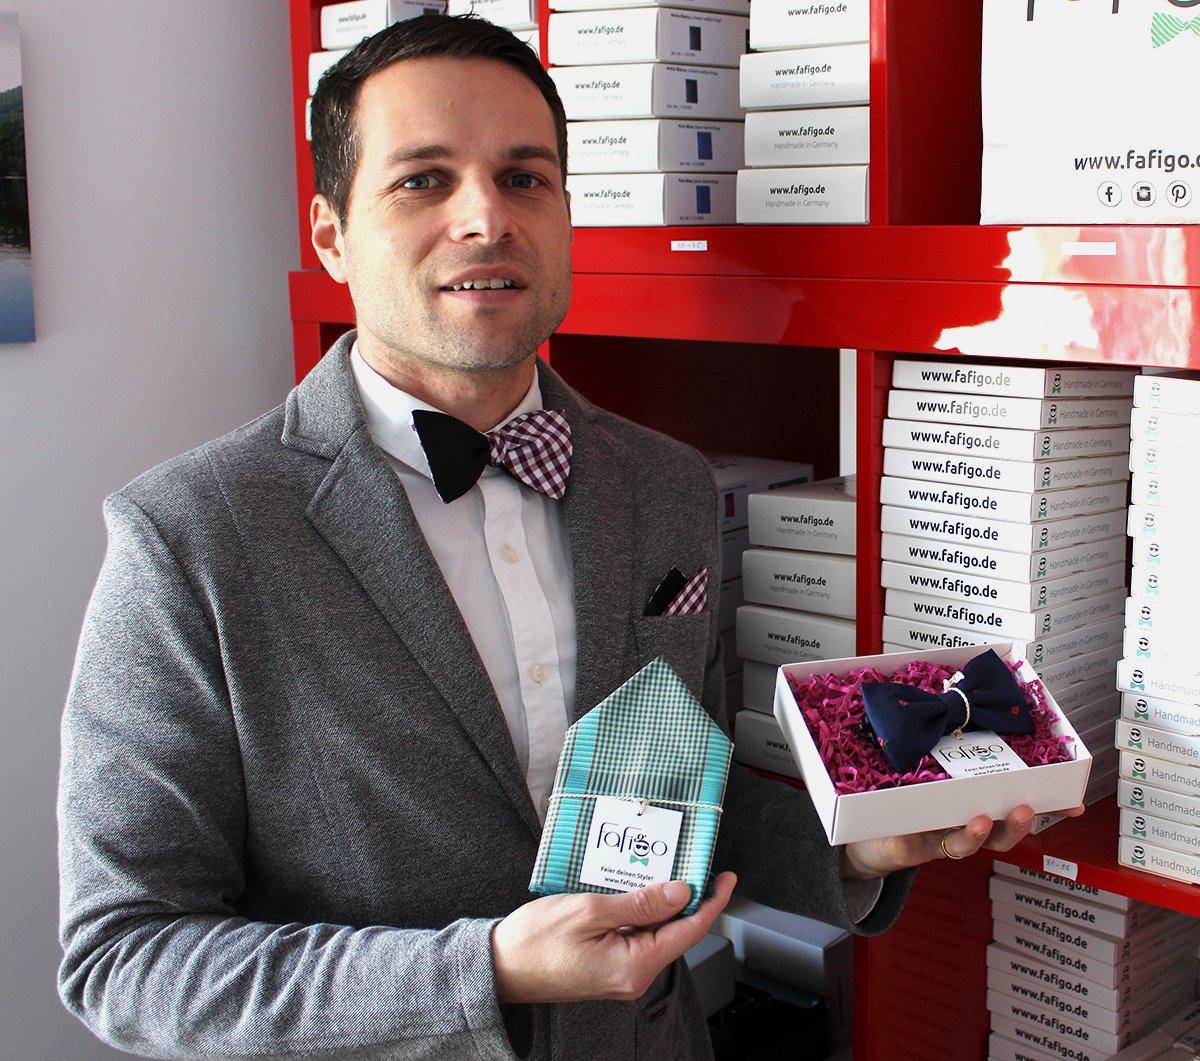 Fafigo-Gründer Steffen Böttner